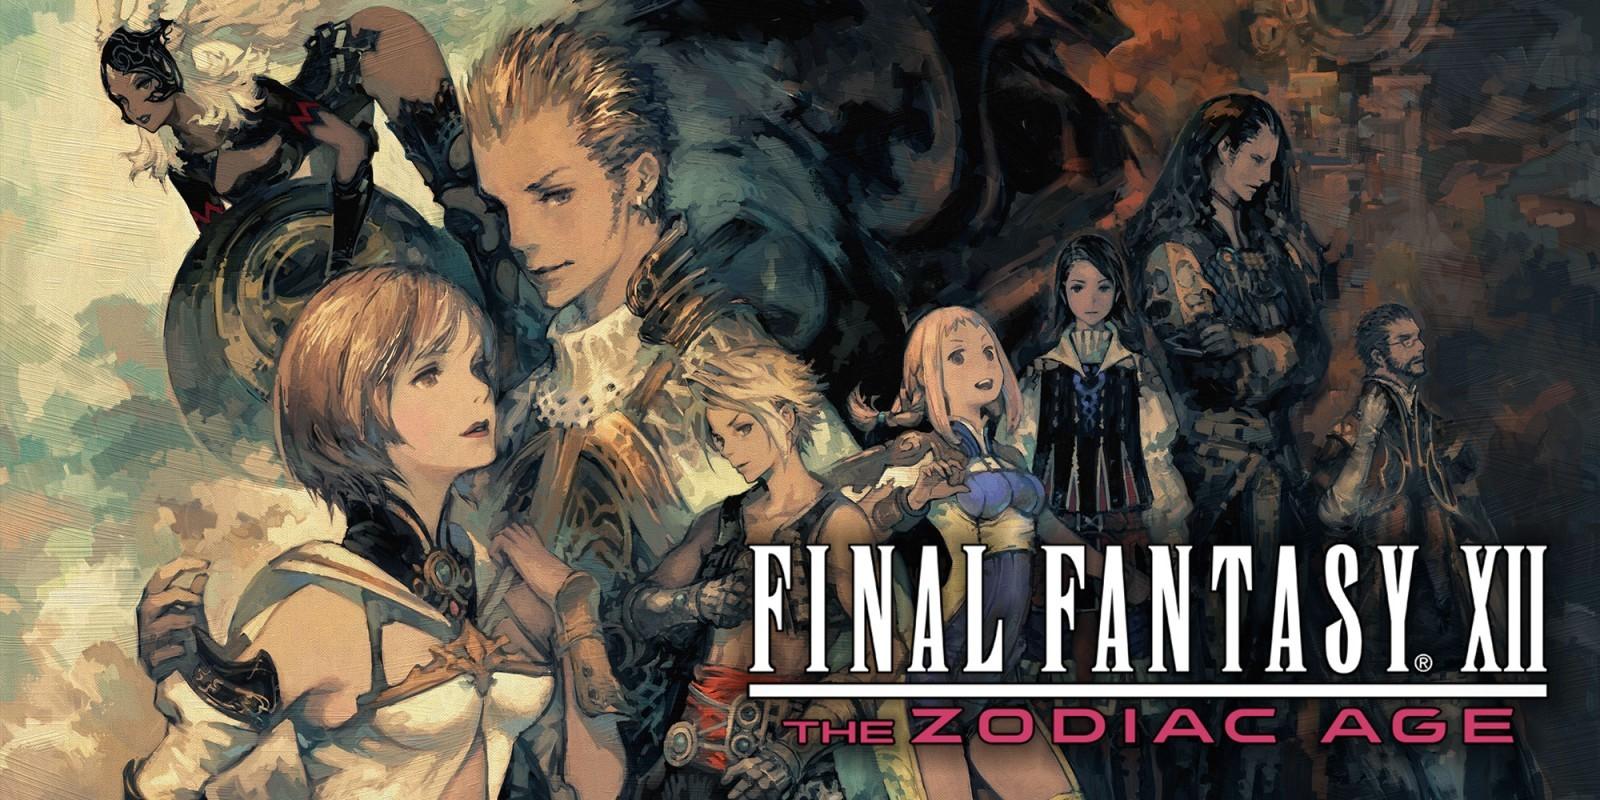 Revisão de Final Fantasy XII: The Zodiac Age